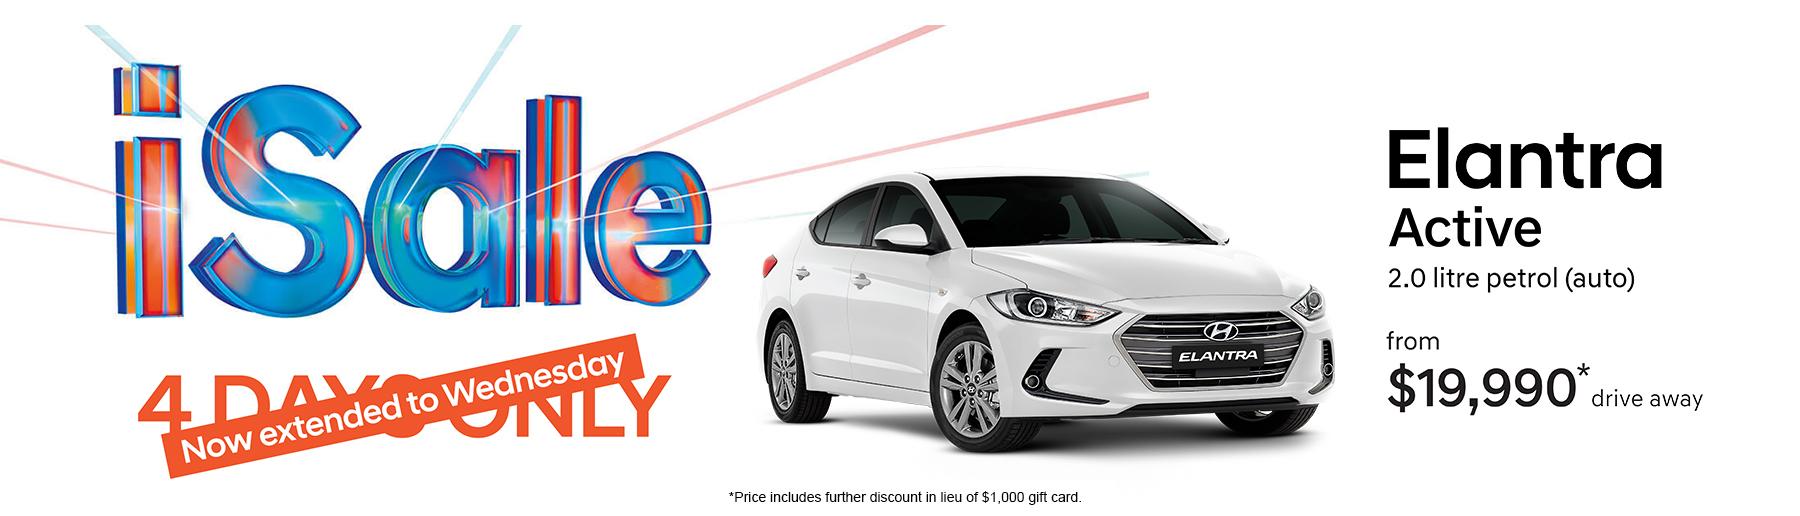 iSale - Hyundai Elantra Offer